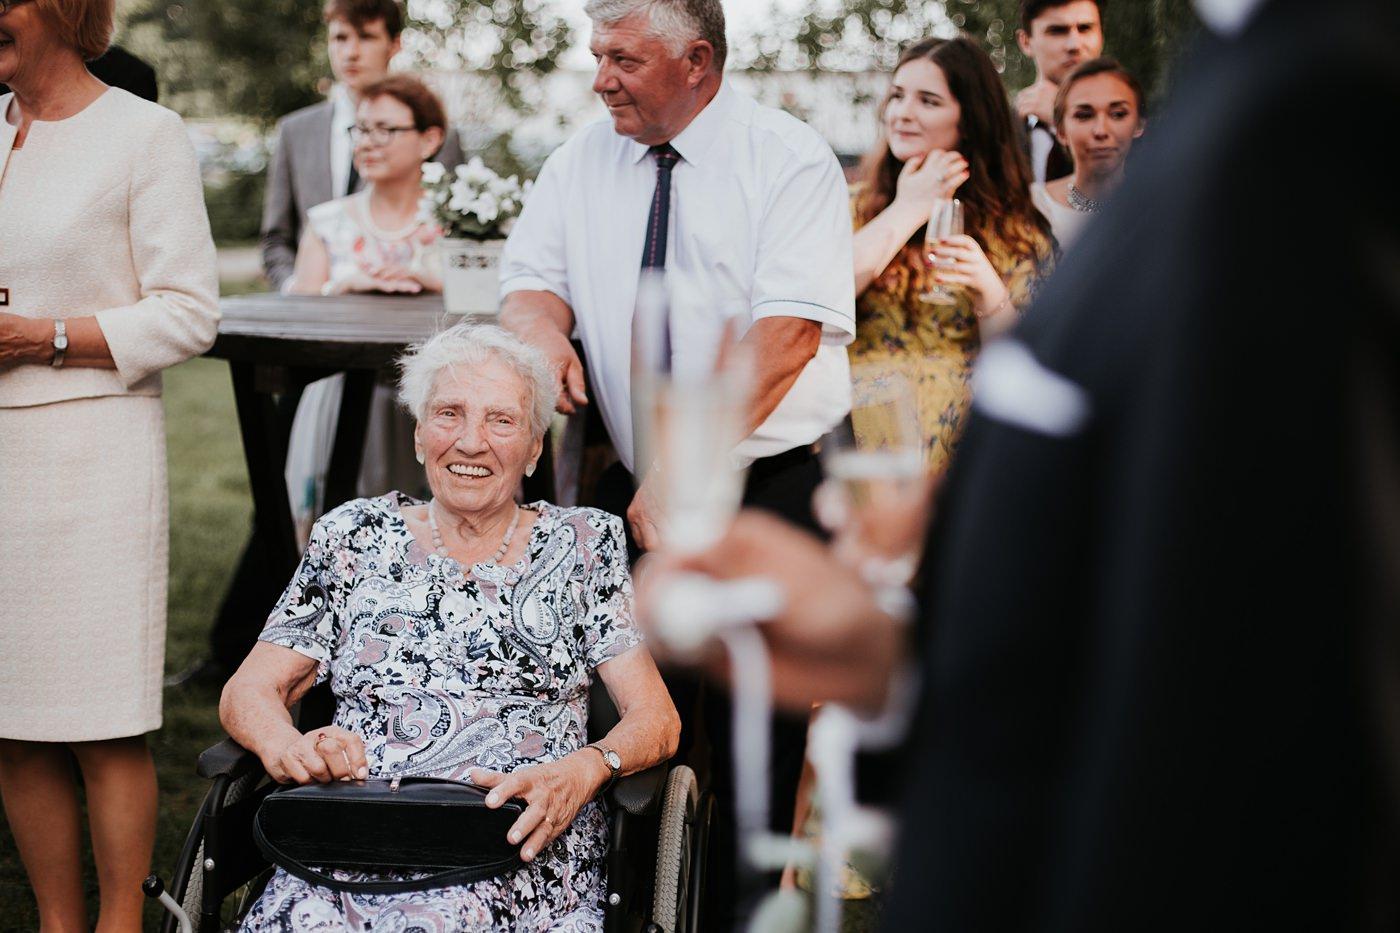 Dominika & Aleksander - Rustykalne wesele w stodole - Baborówko 94